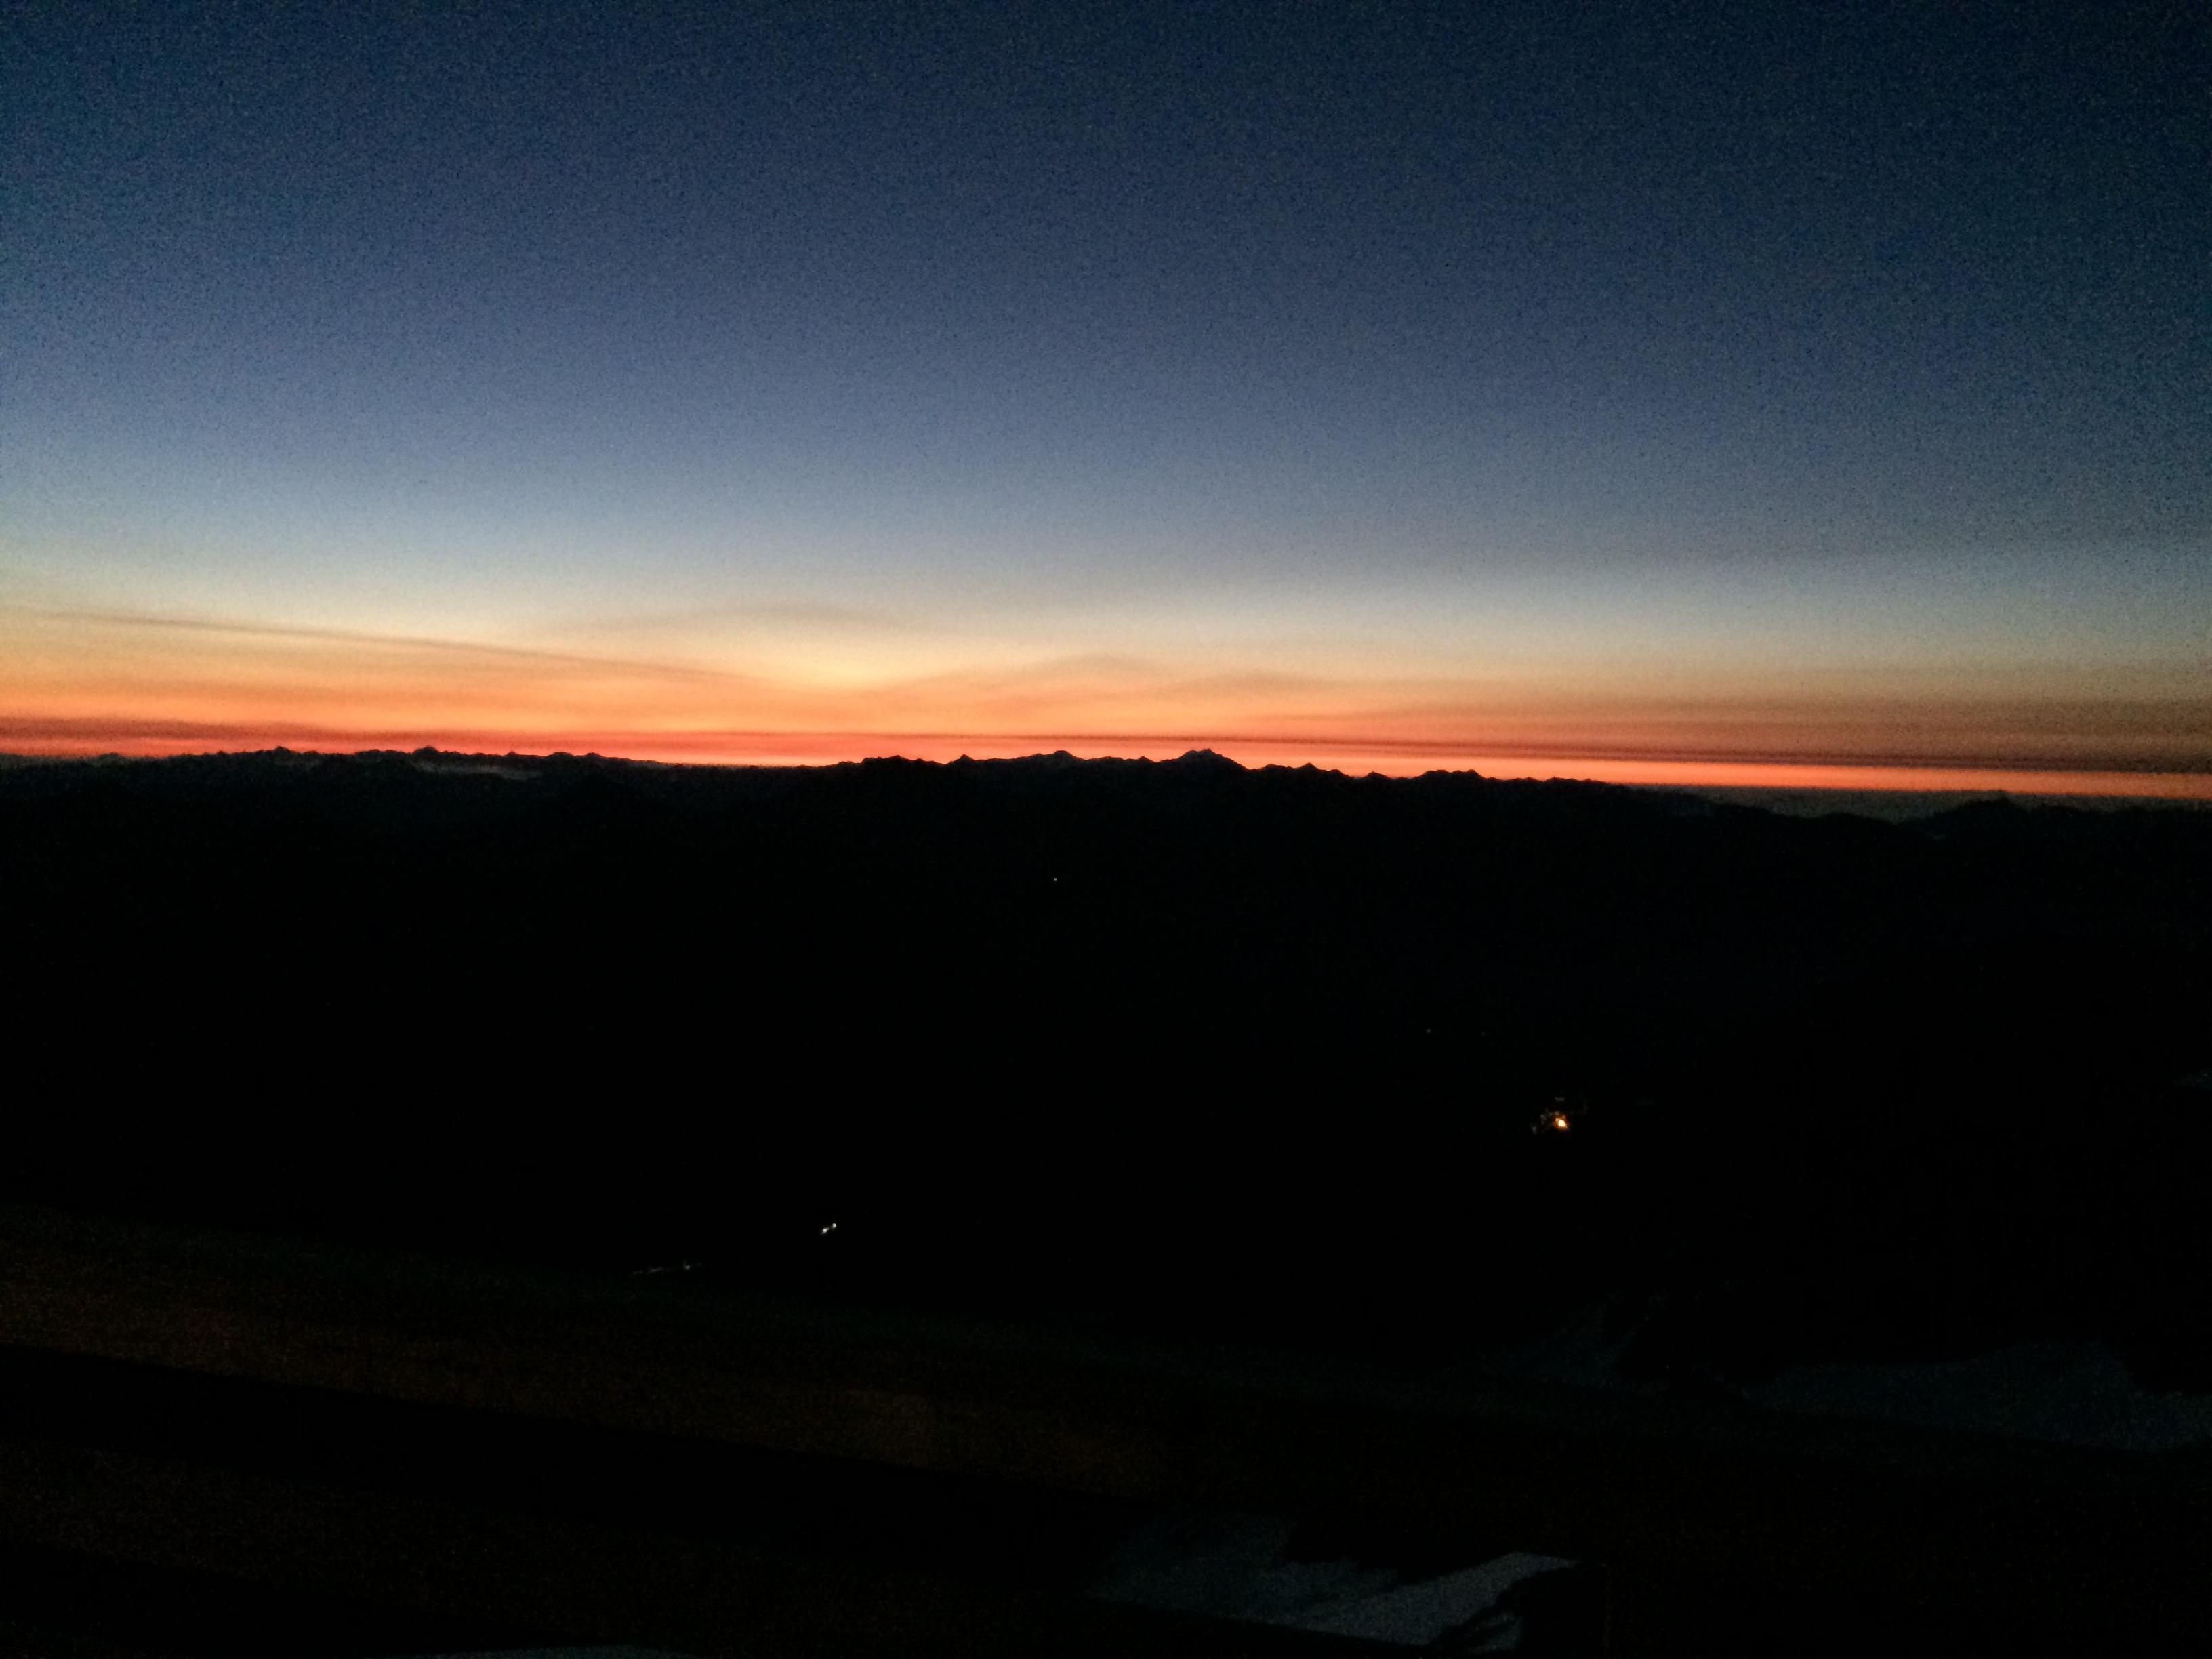 Sonnenaufgang auf der Adlersruh vor dem Aufstieg auf den Großglockner